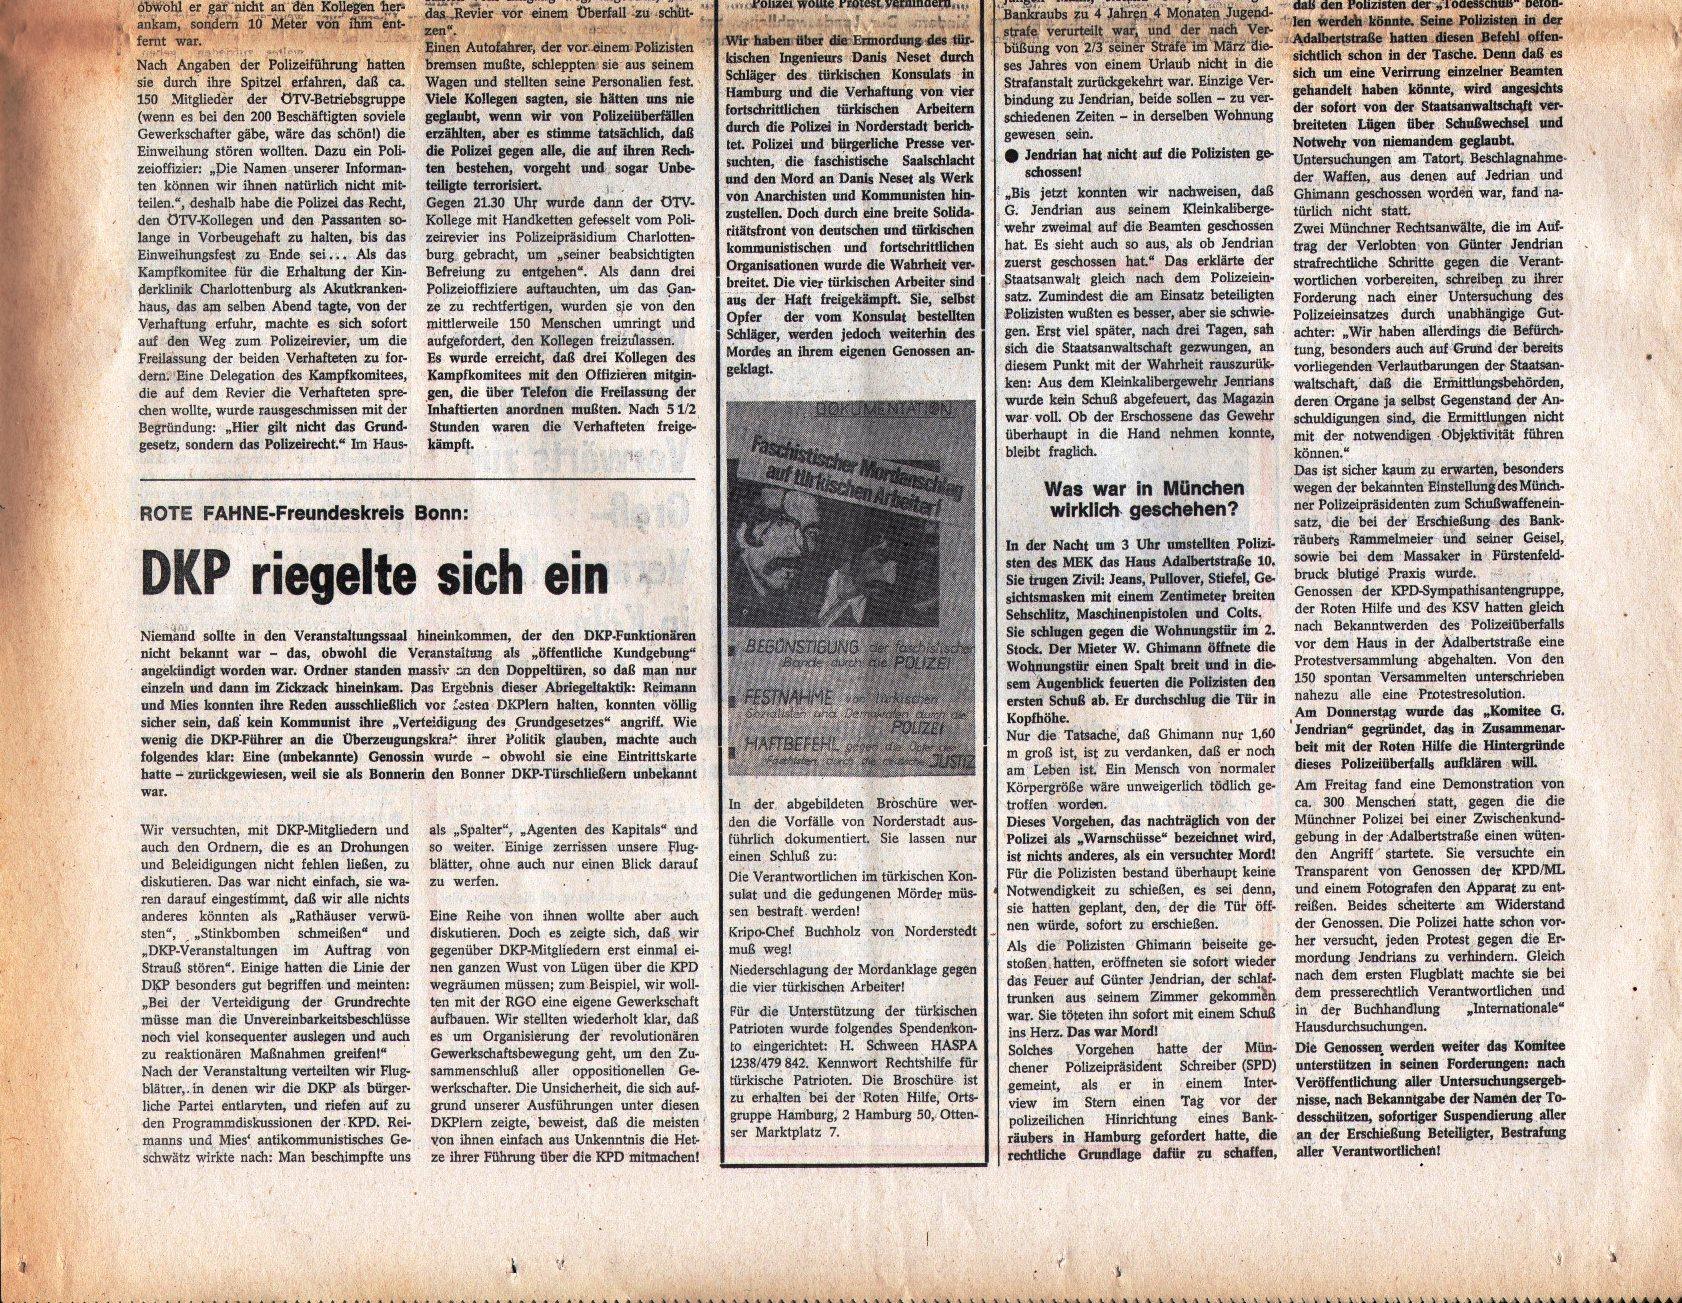 KPD_Rote_Fahne_1974_22_04